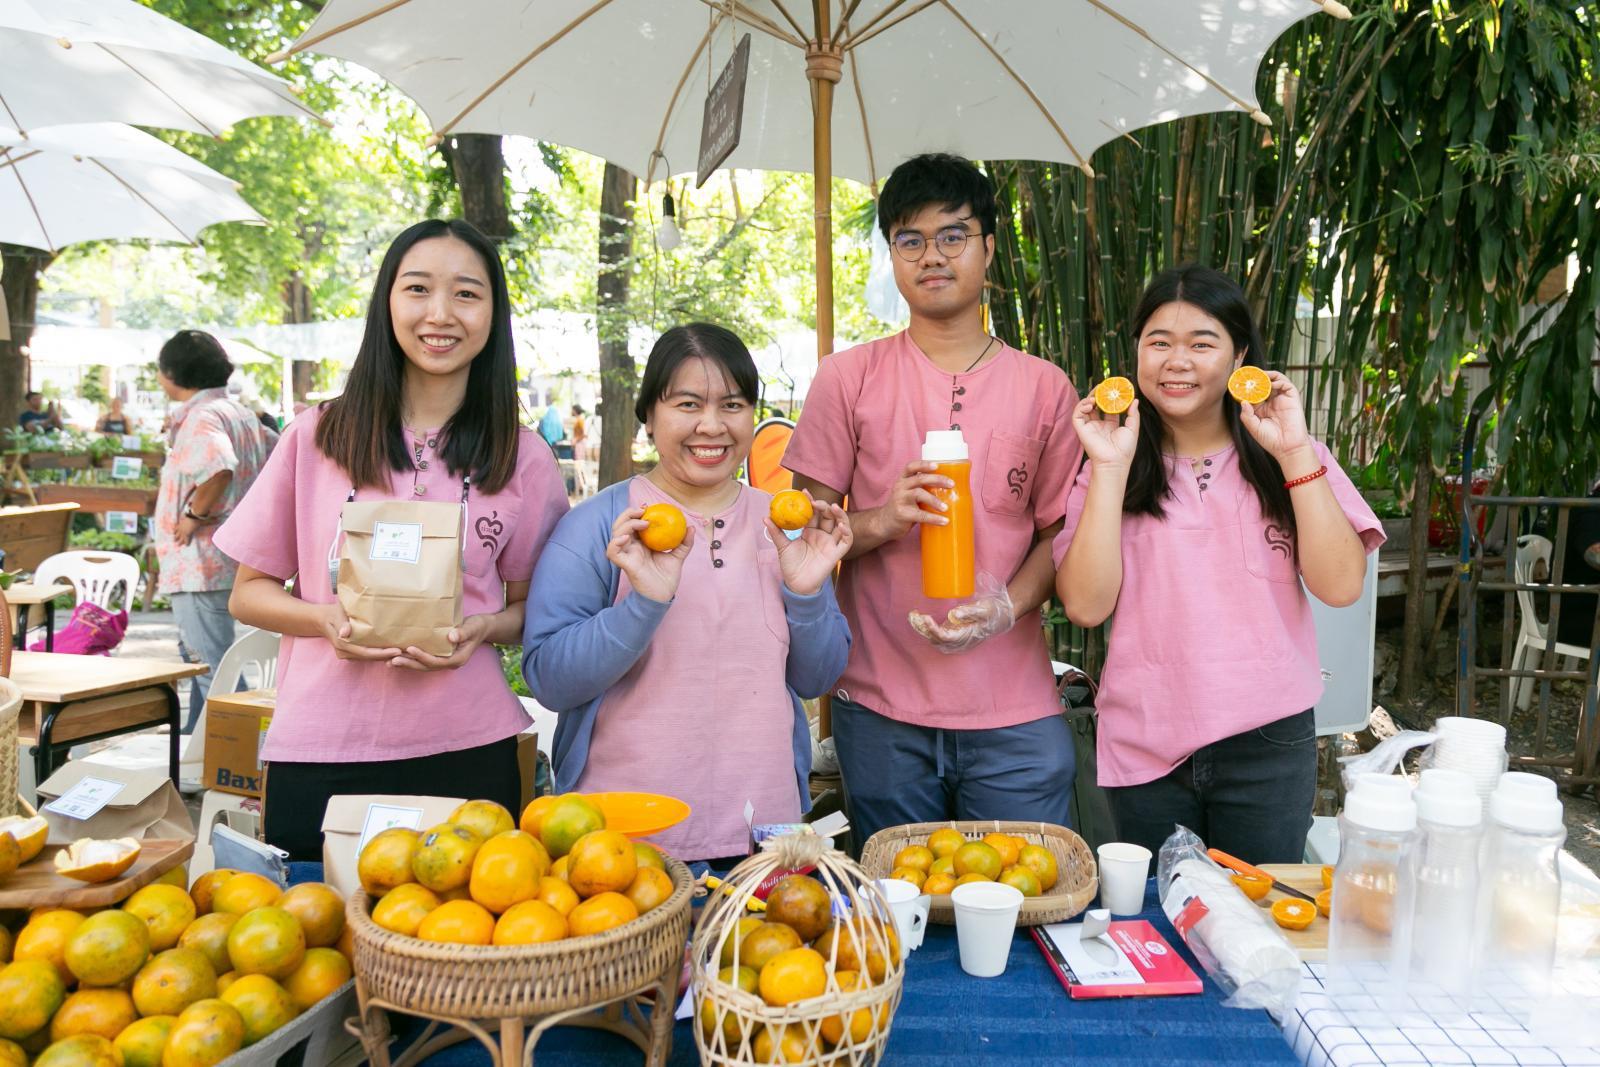 'มหาส้มมุทร' เมื่อการเลือกกินช่วยโลกได้